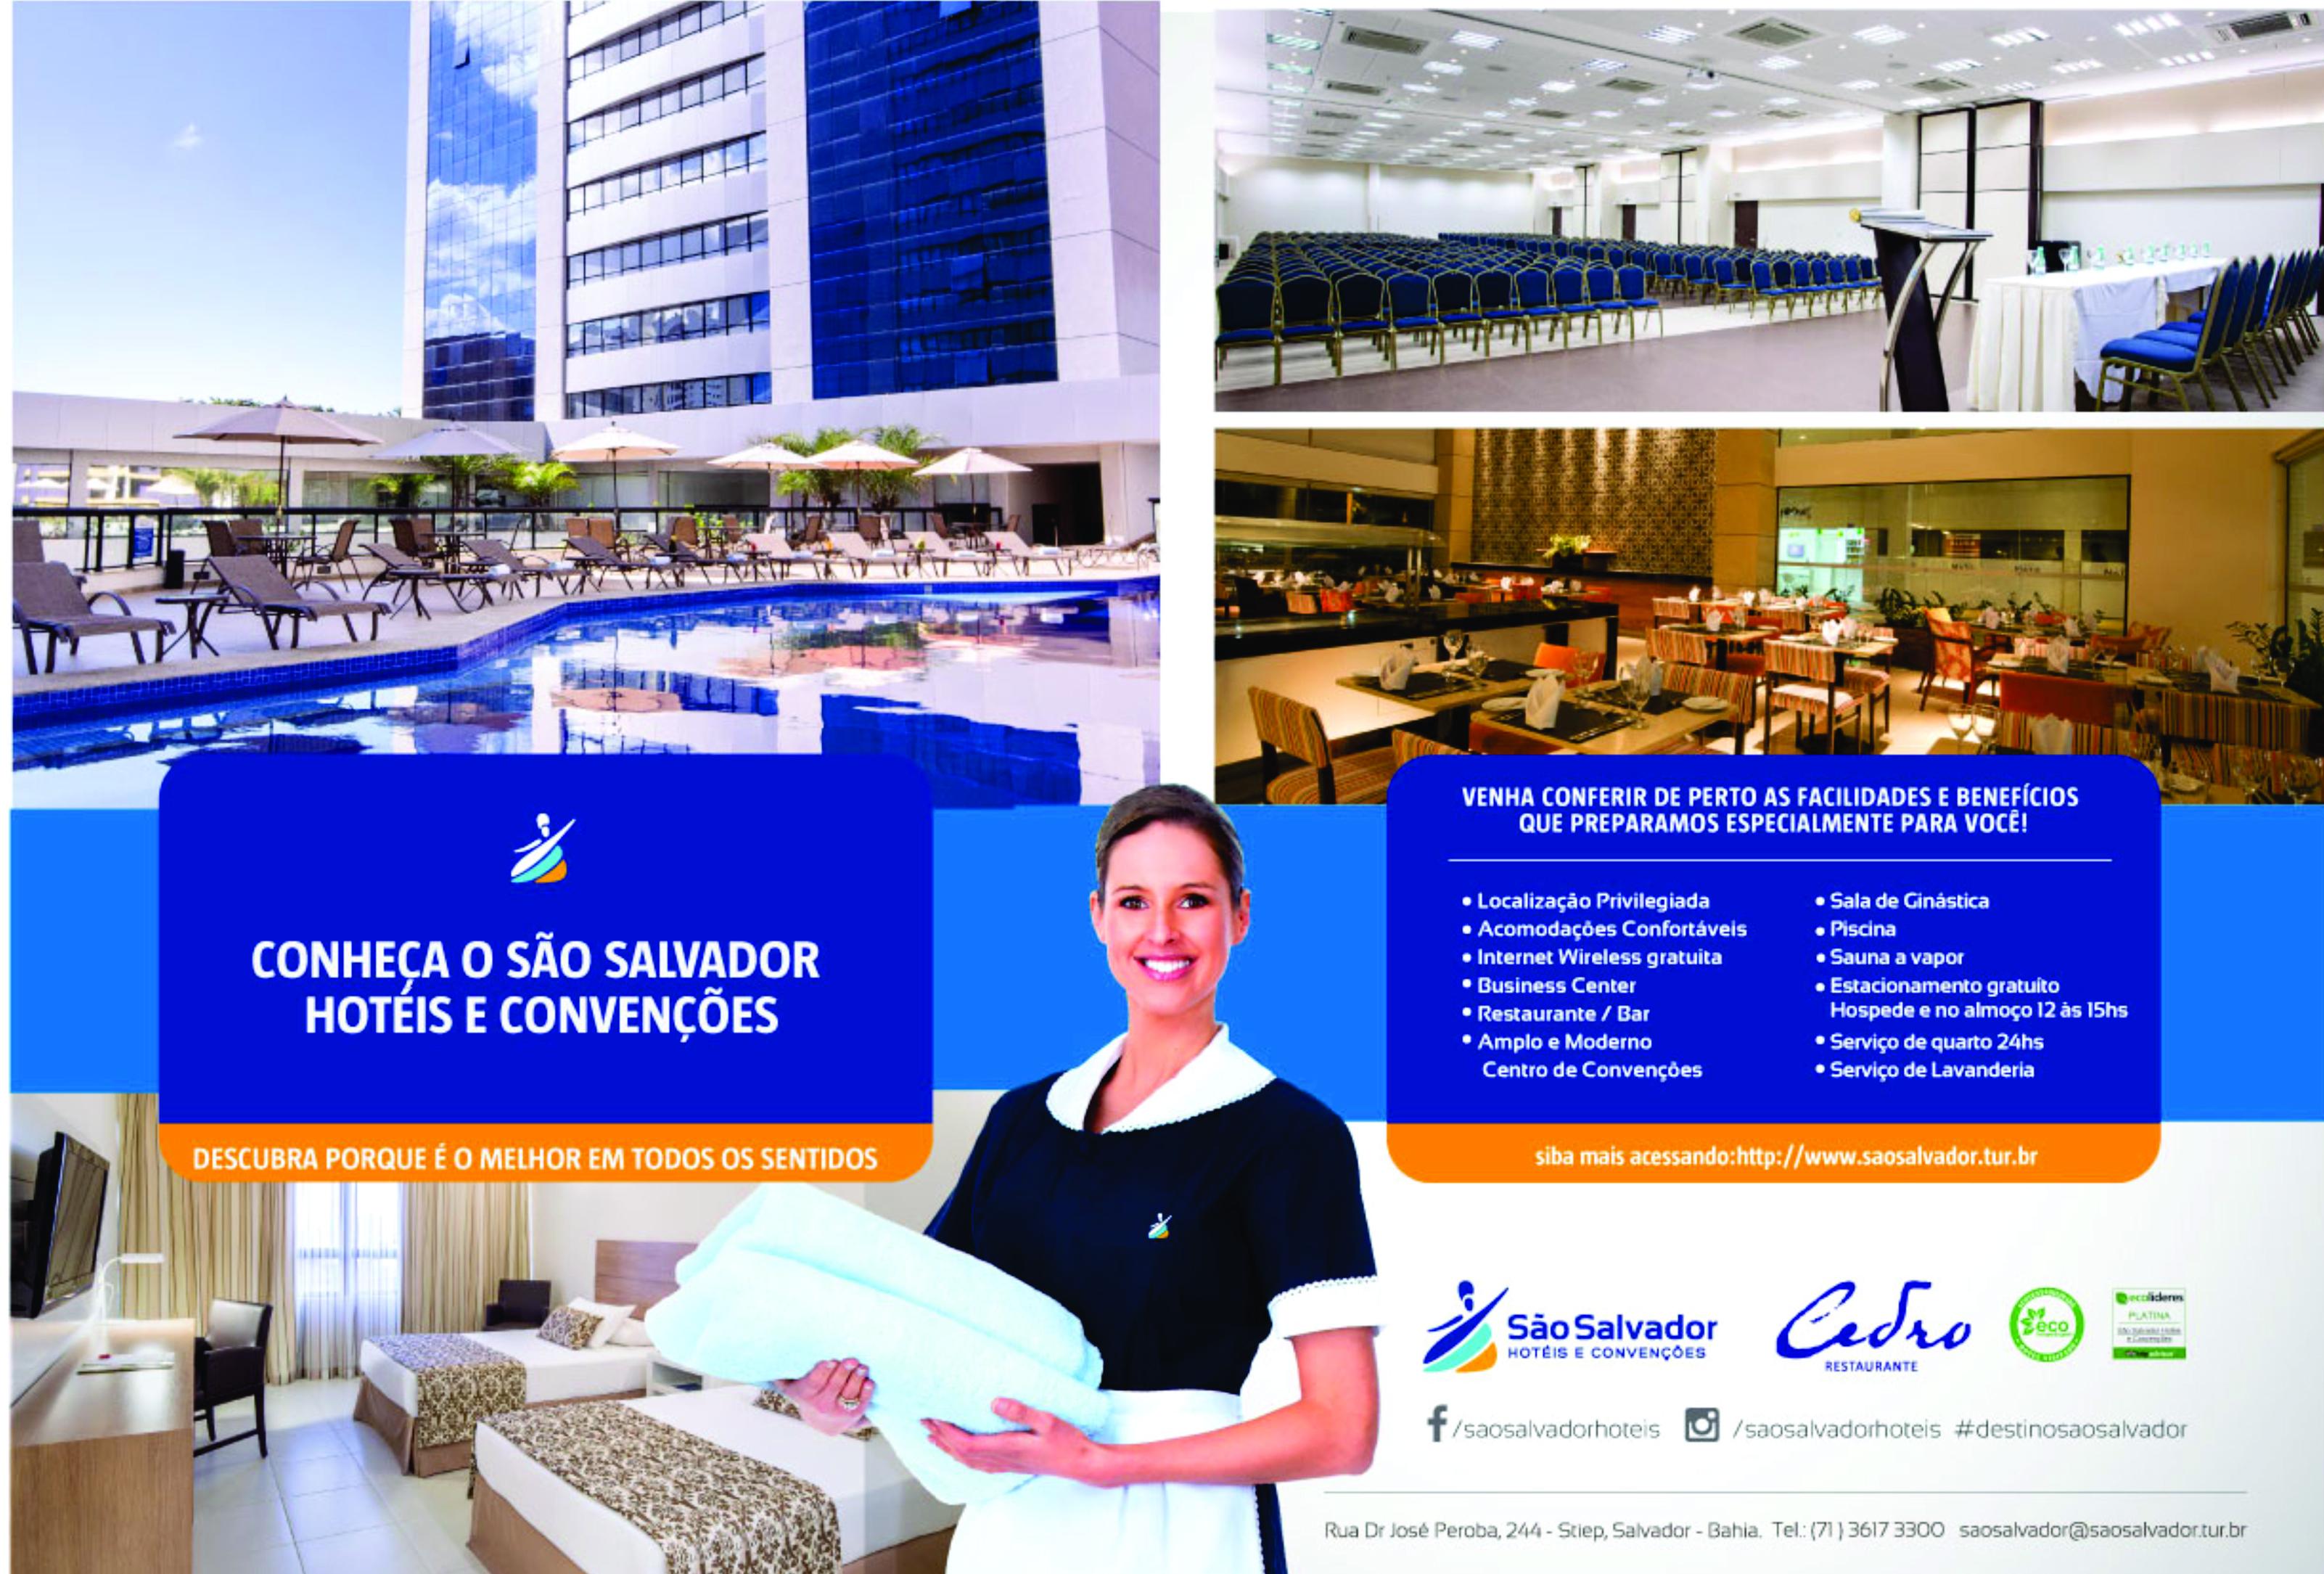 2 e 3 Hotel São Salvador SITE